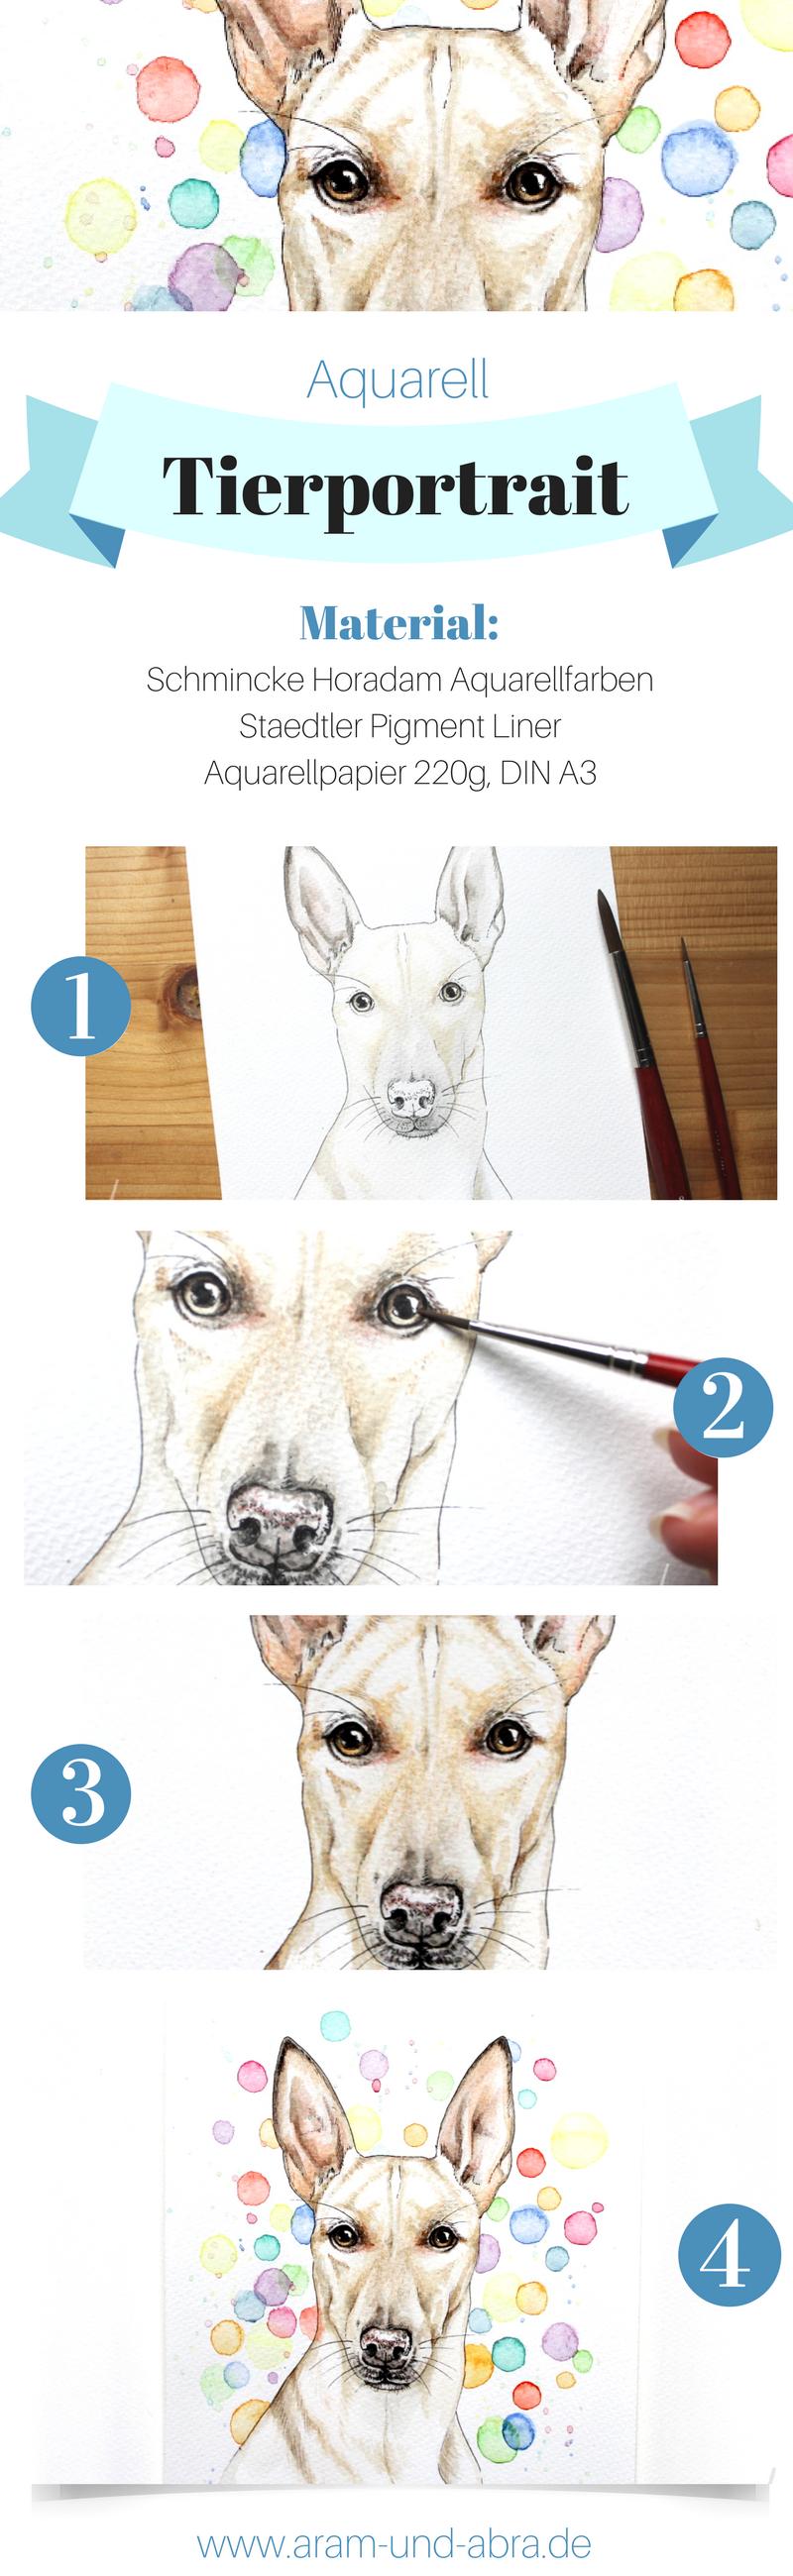 hund malen lassen auftragsarbeiten bei aram und abra hund malen podenco und portraits zeichnen. Black Bedroom Furniture Sets. Home Design Ideas